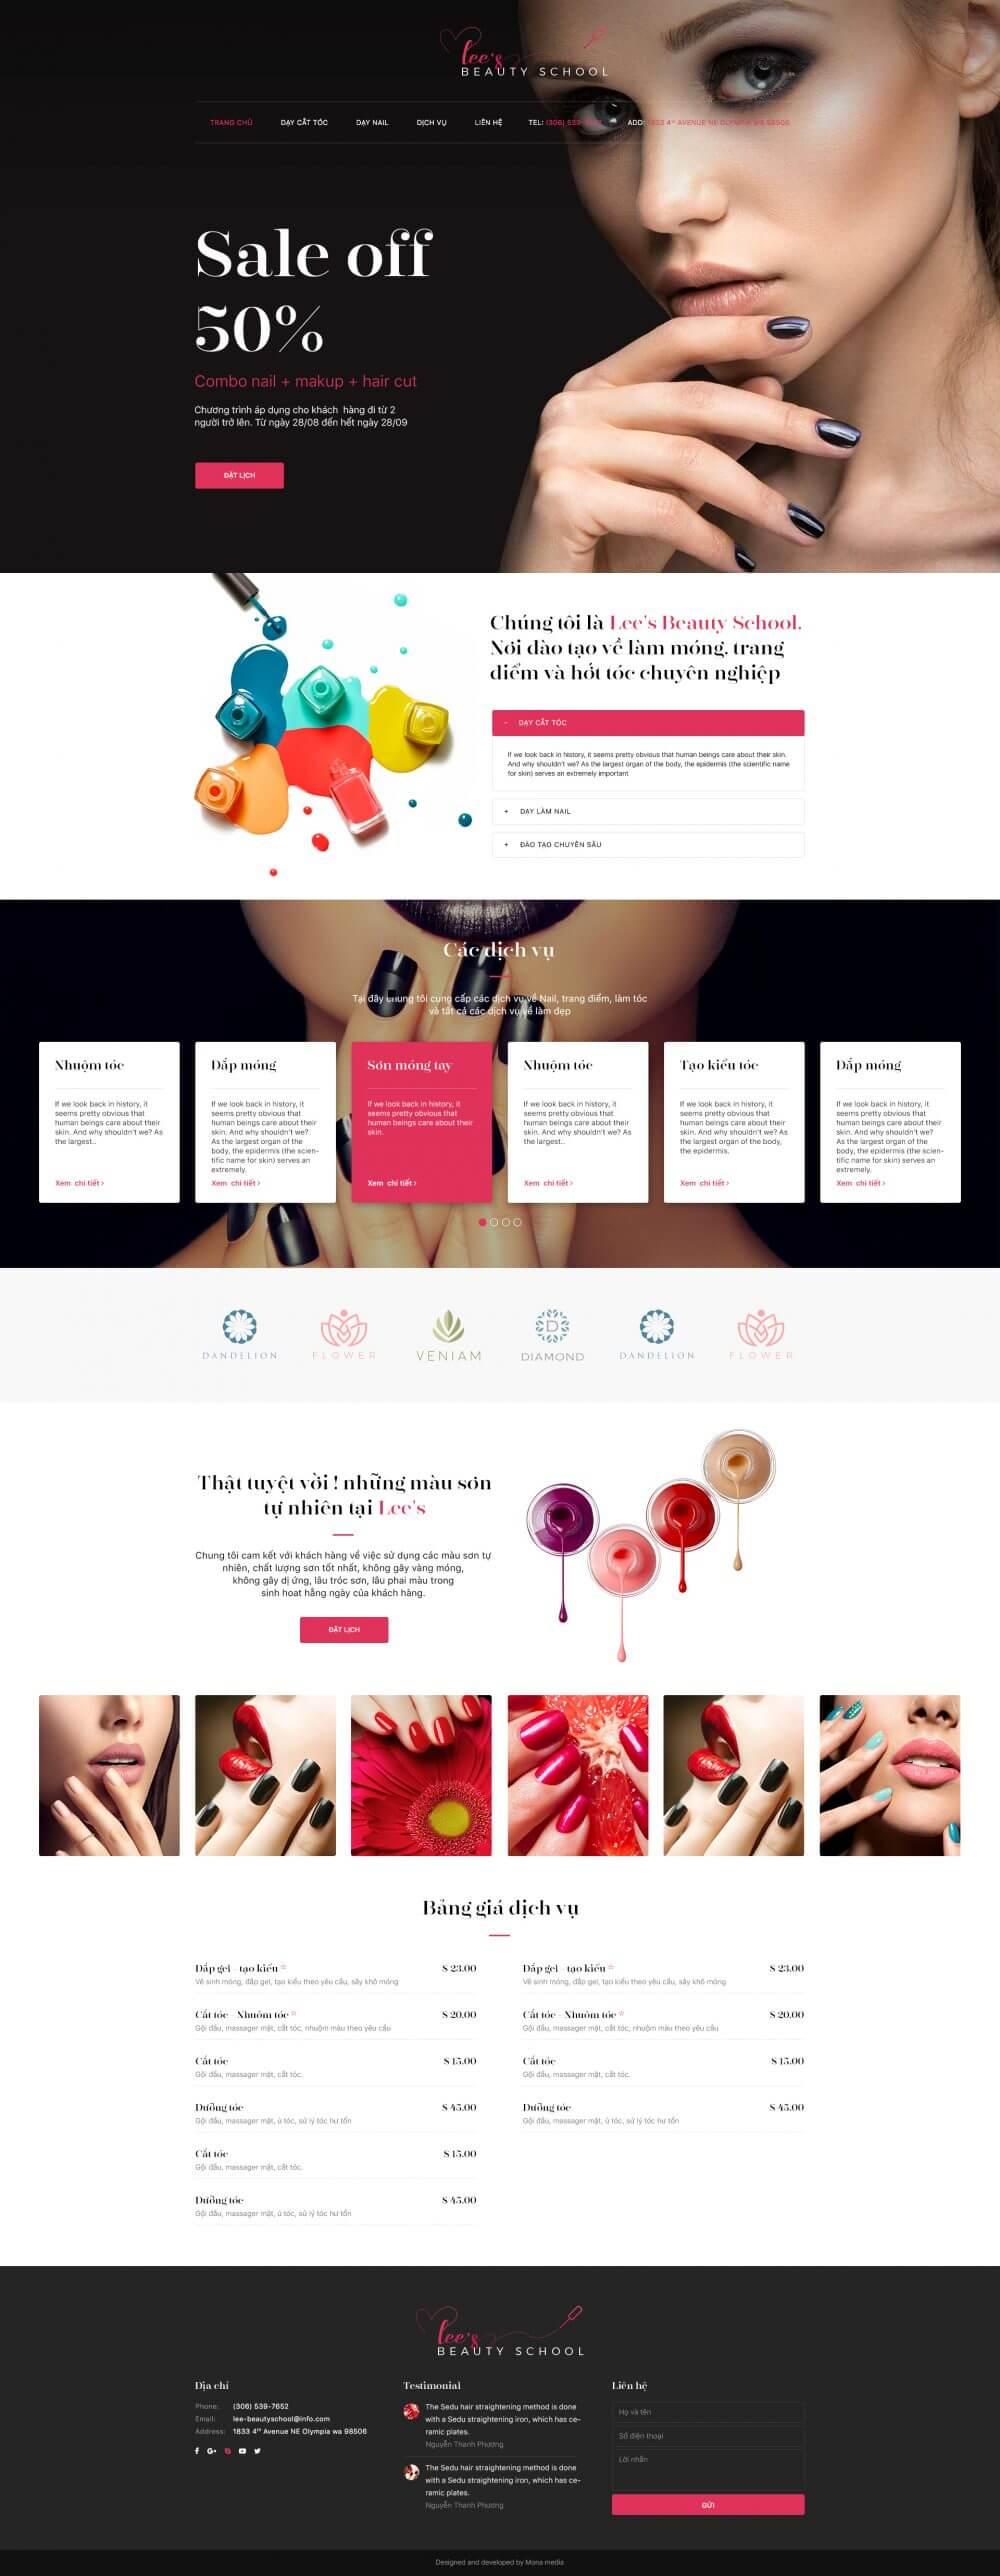 Lee nail – Chuỗi tiệm nail hàng đầu mỹ